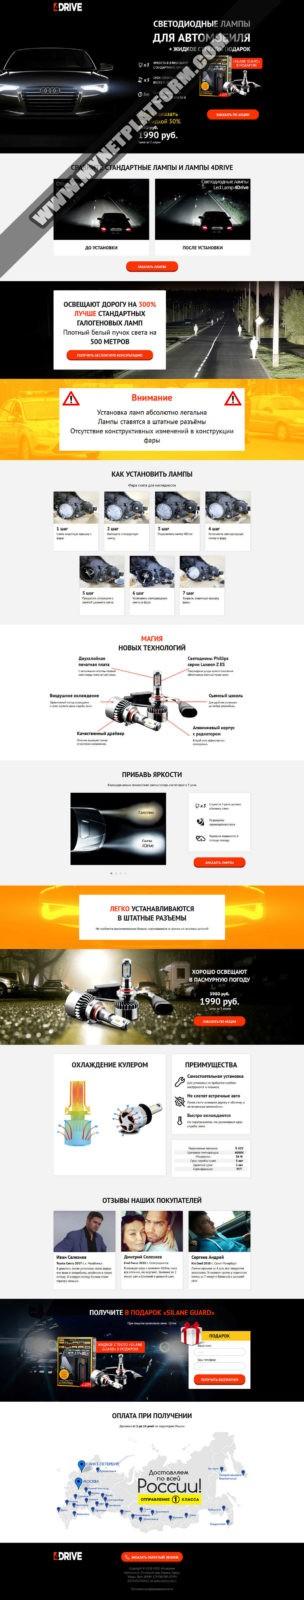 Скриншот Готового лендинга Сверхъяркие Led-лампы 4Drive 001